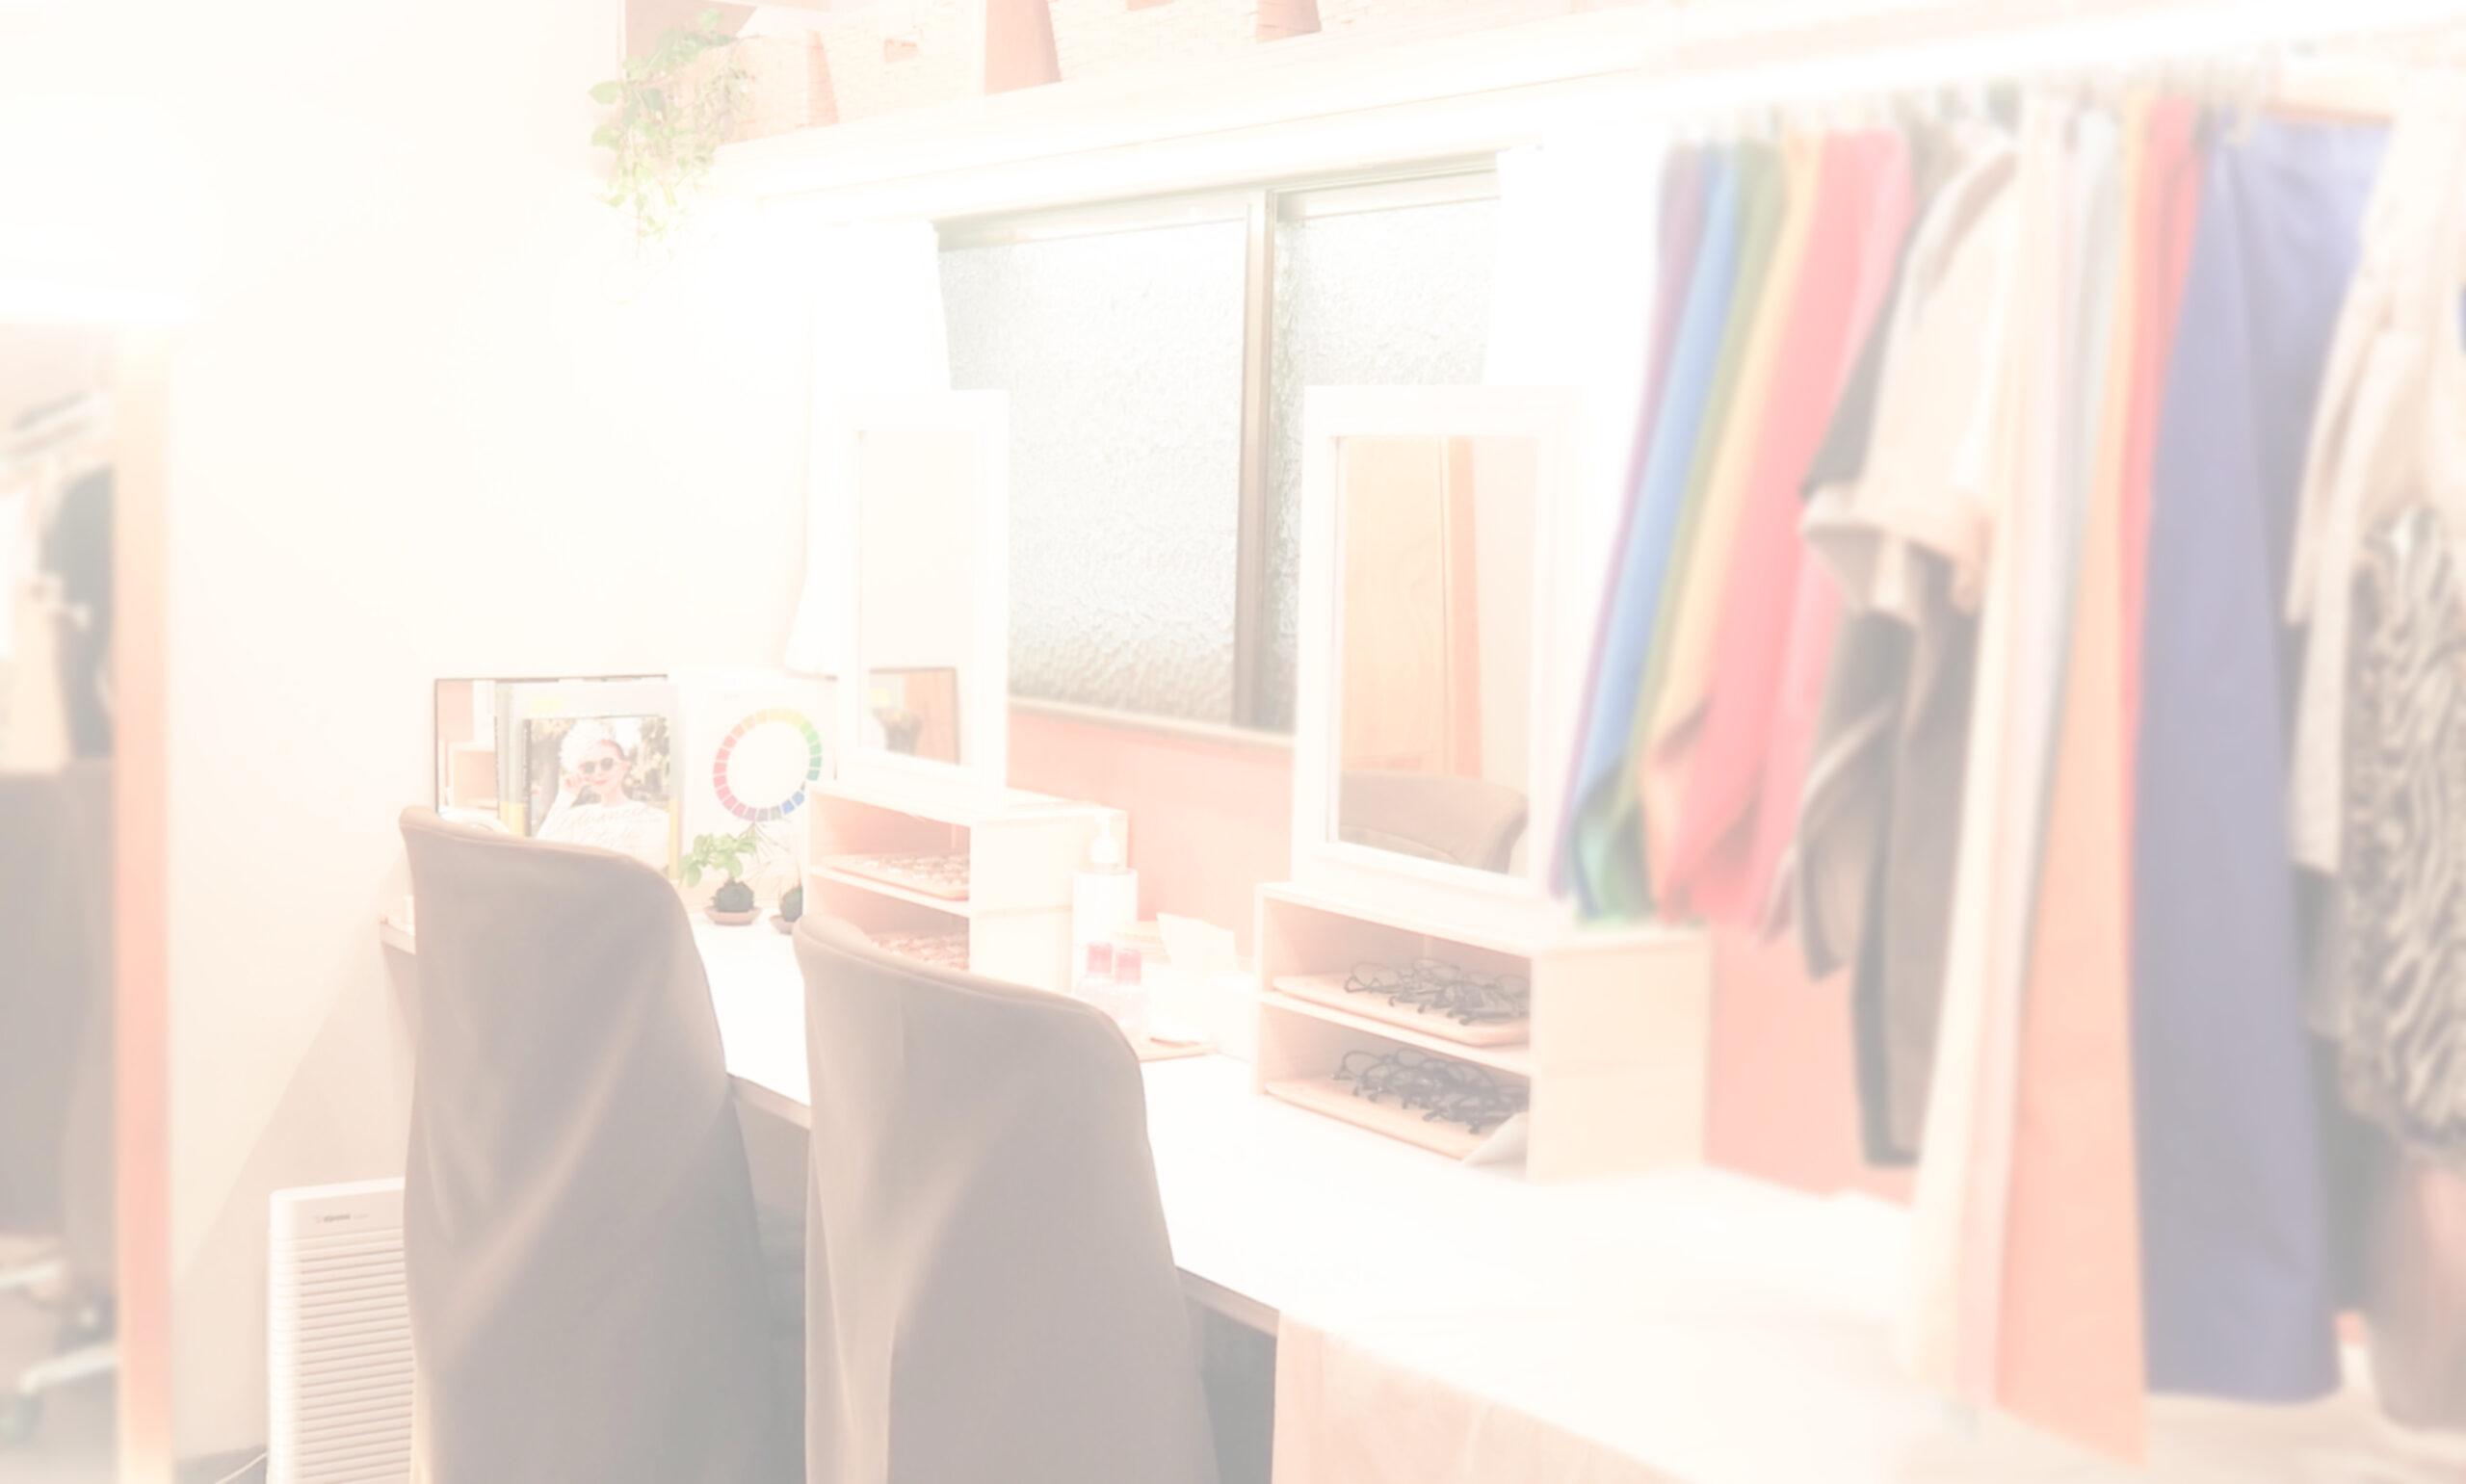 【パーソナルカラー・骨格タイプ診断】パーソナルスタイリングhanairo【東京・新宿】